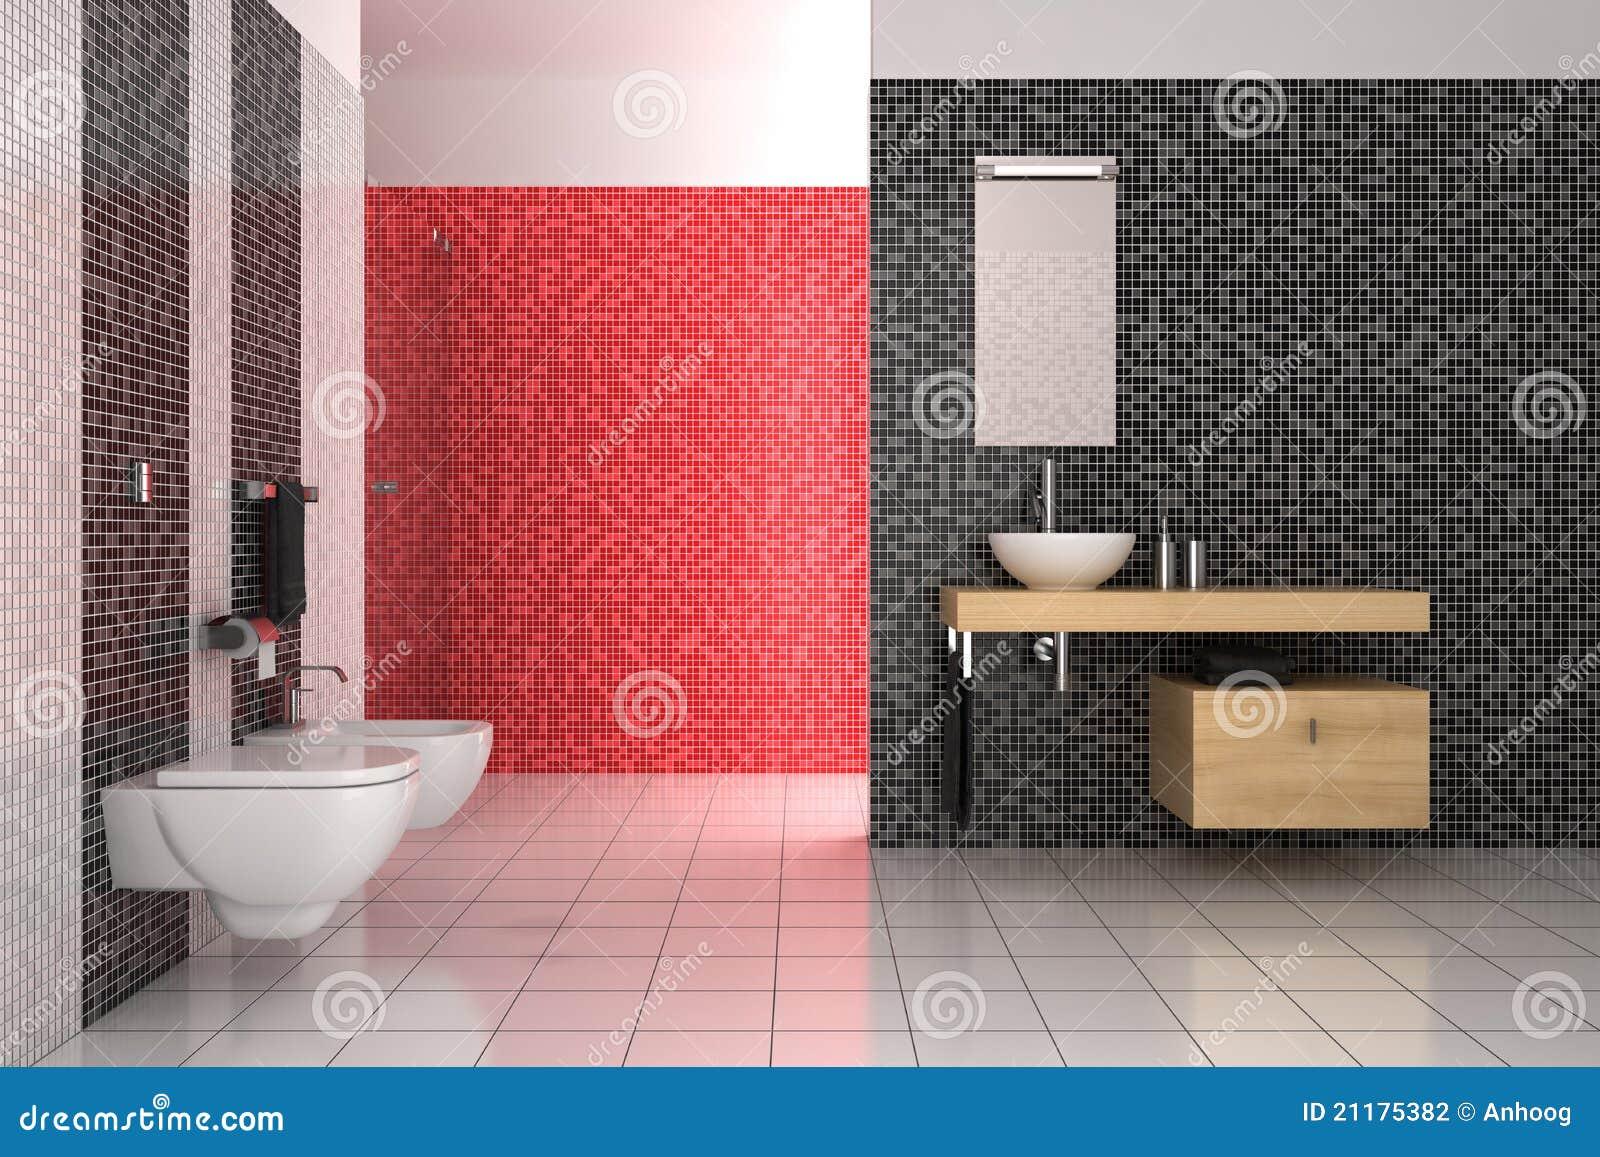 modern bathroom black red white tiles jpg: bathroom black red white